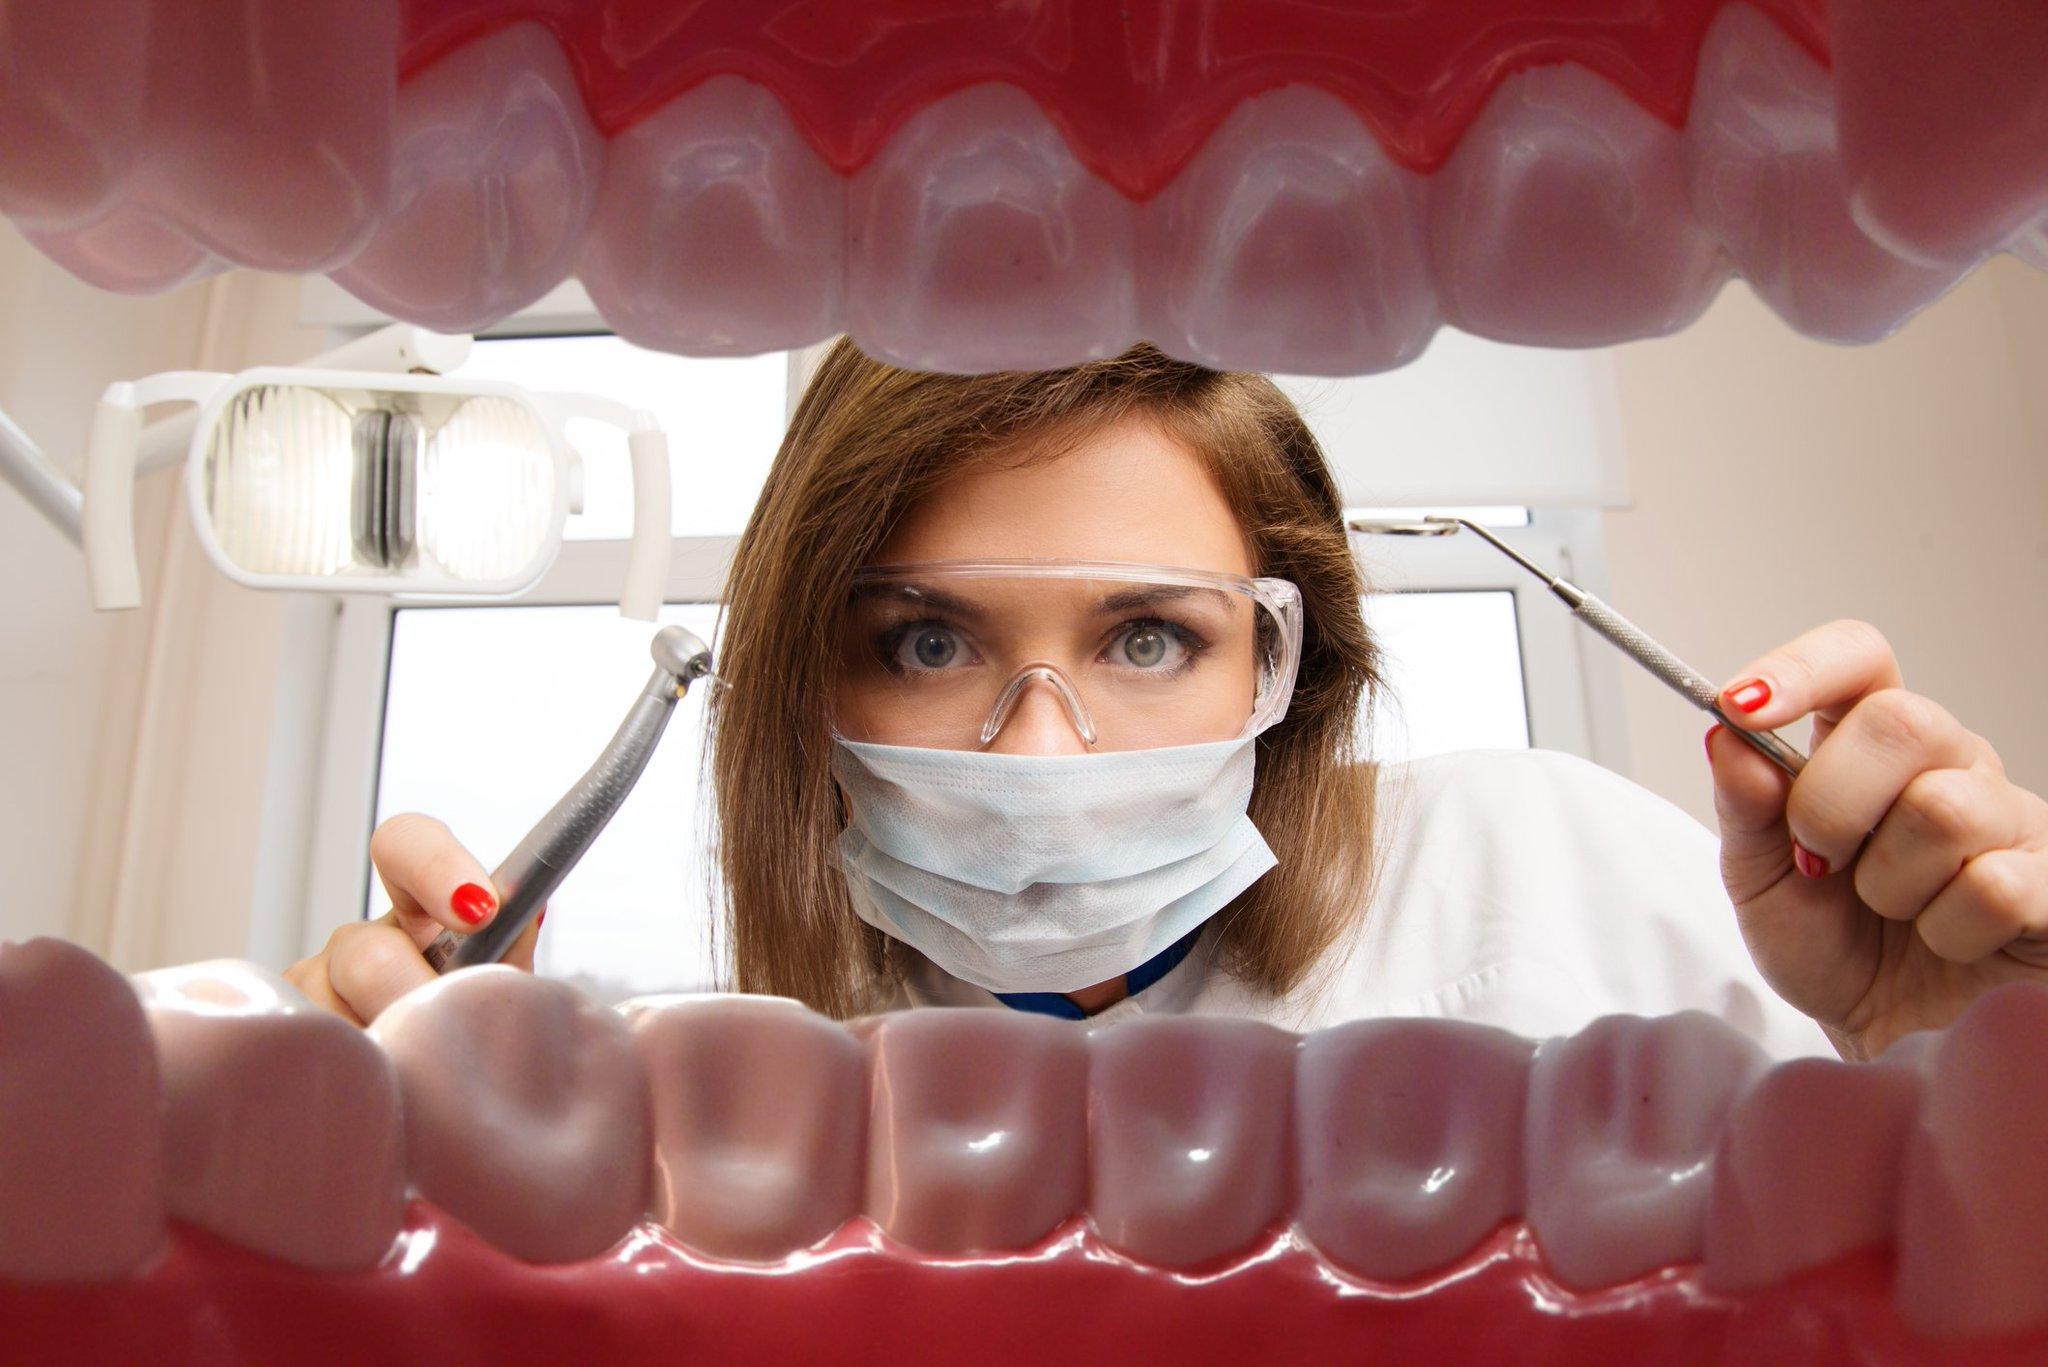 интереса, лечите людям зубы картинка очень легко может